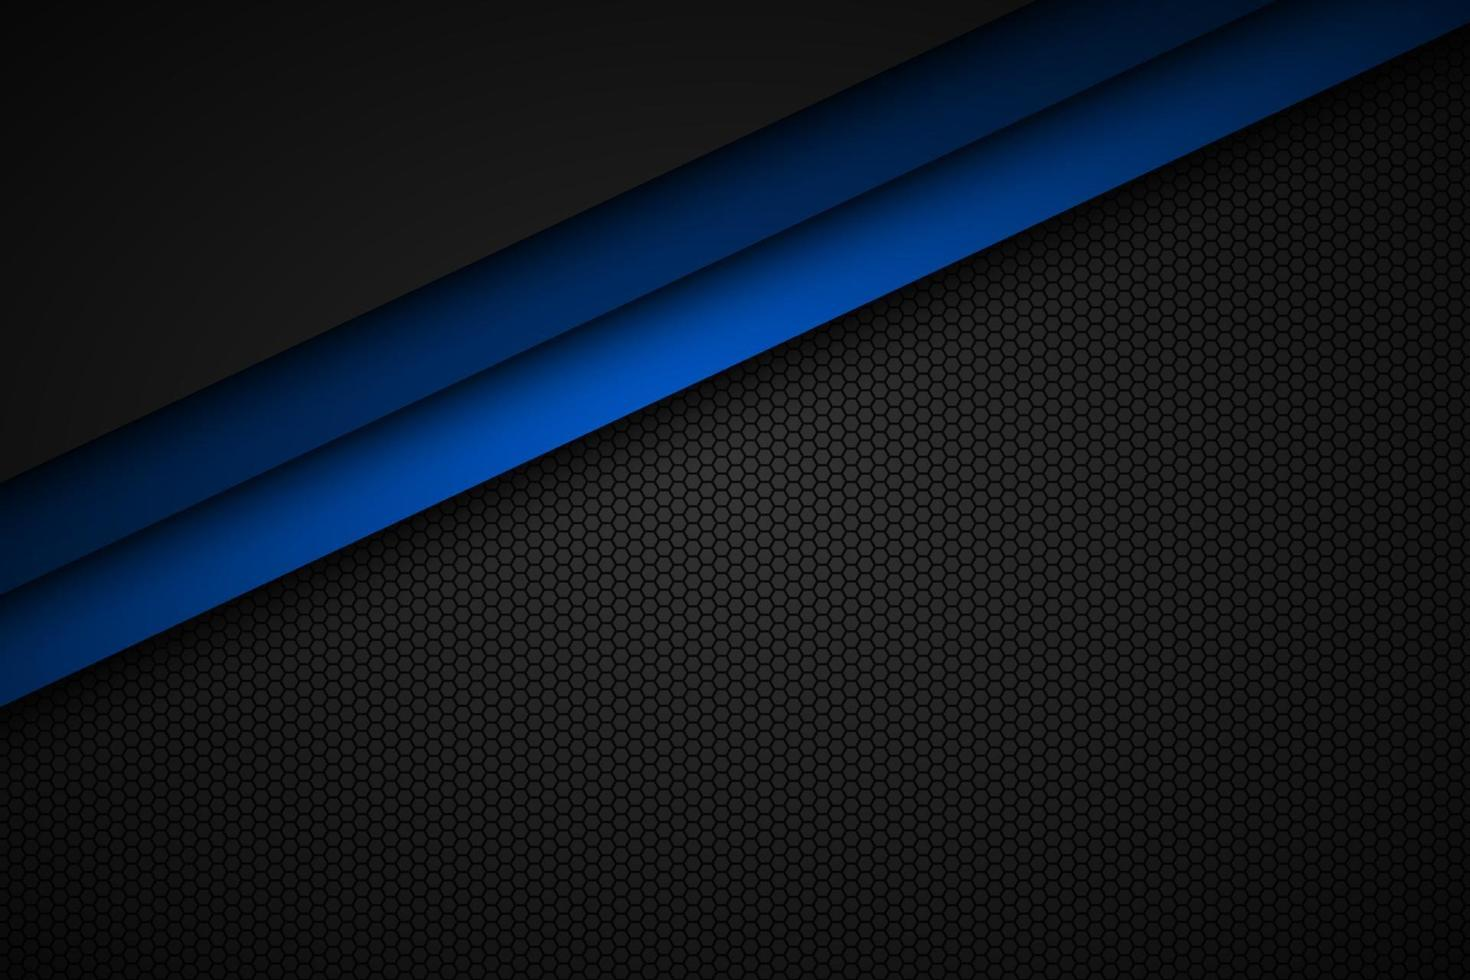 abstact blå linje vektor bakgrund med åttkantigt nät. överlappar lager på svart bakgrund med sexkantigt mönster